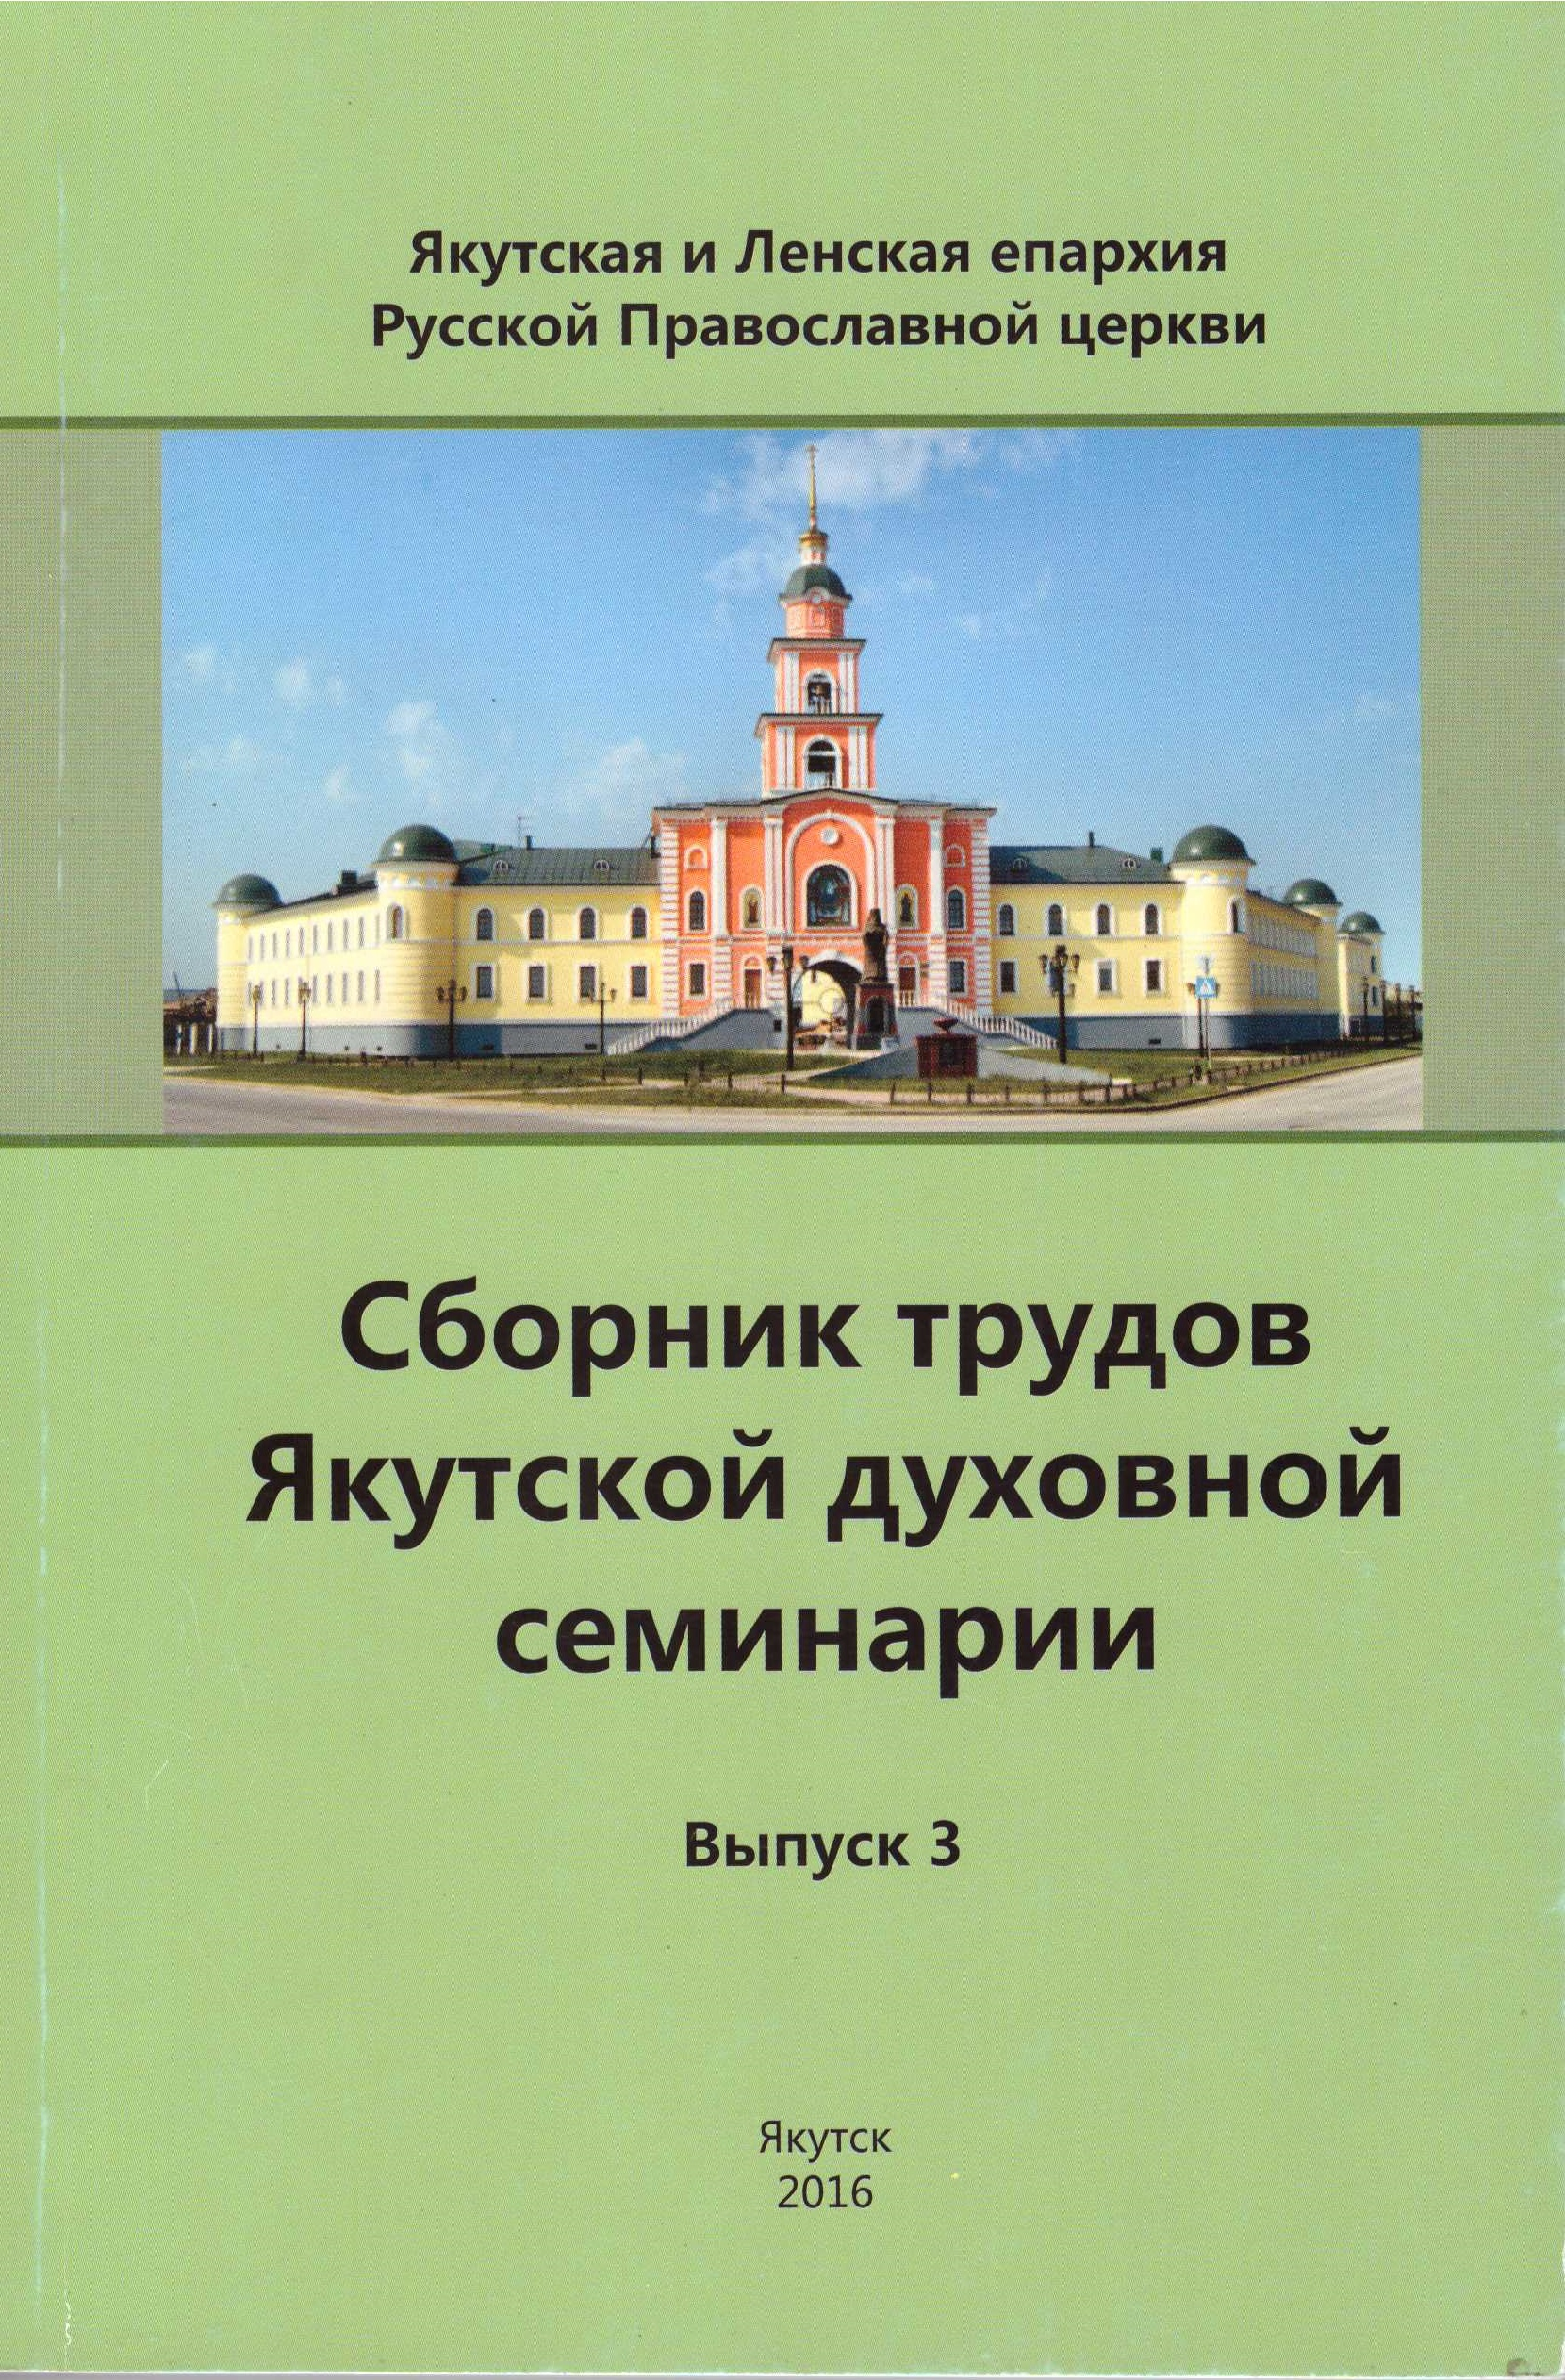 Сборник трудов Якутской духовной семинарии. Выпуск 3